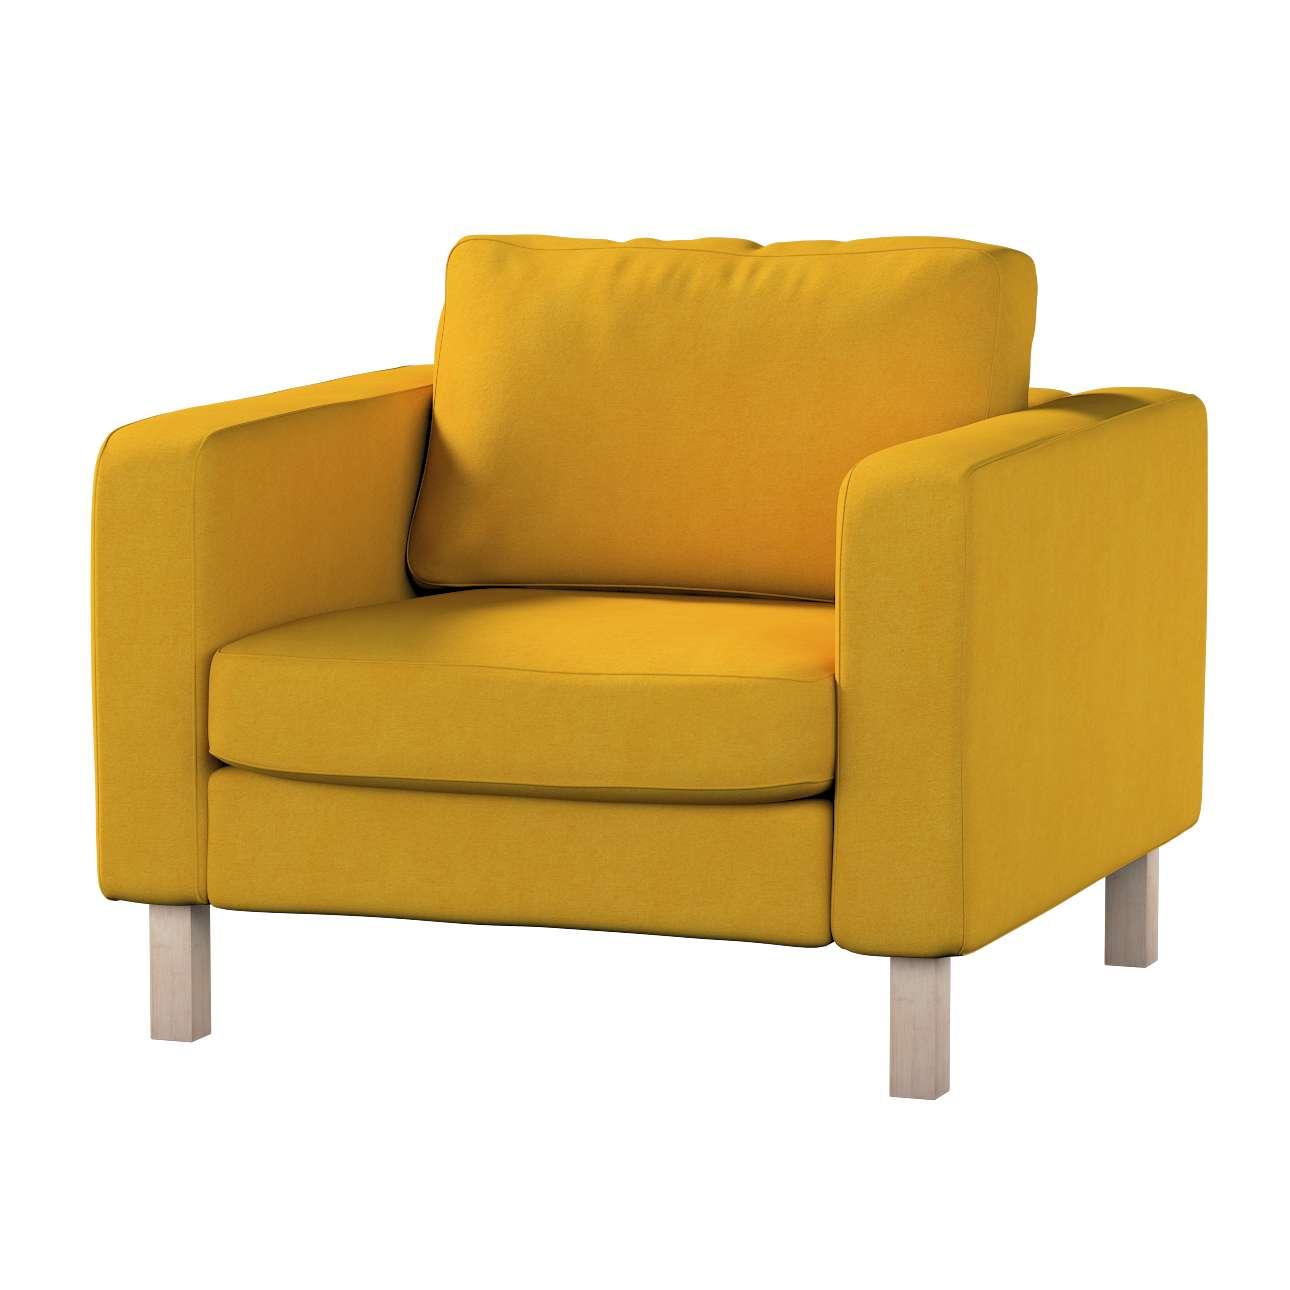 Pokrowiec na fotel Karlstad, krótki Fotel Karlstad w kolekcji Etna , tkanina: 705-04